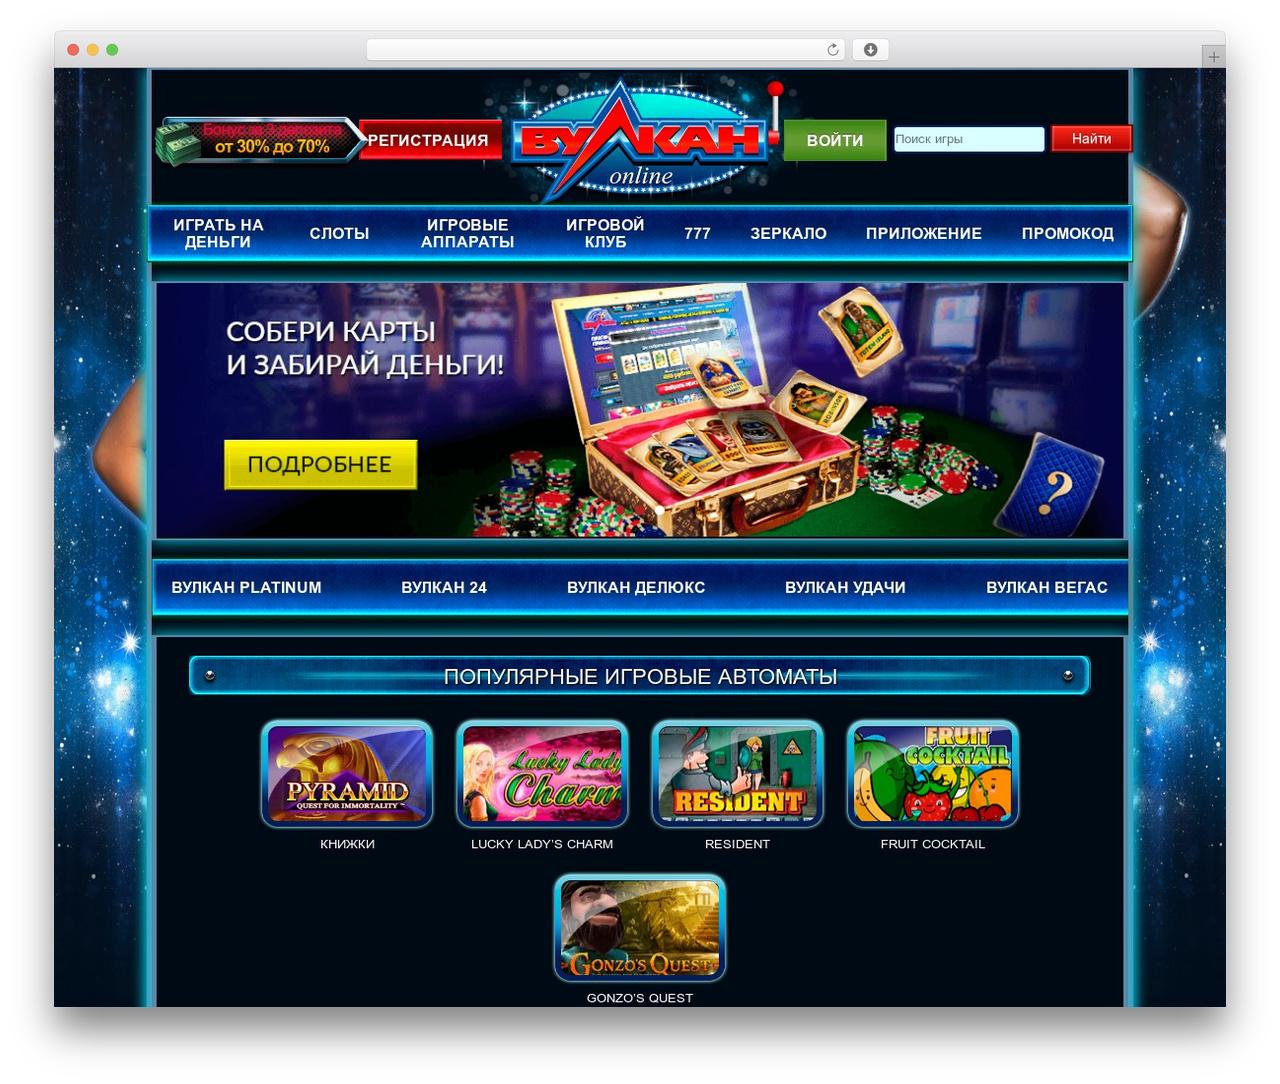 Как найти актуальное зеркало игравого казино?